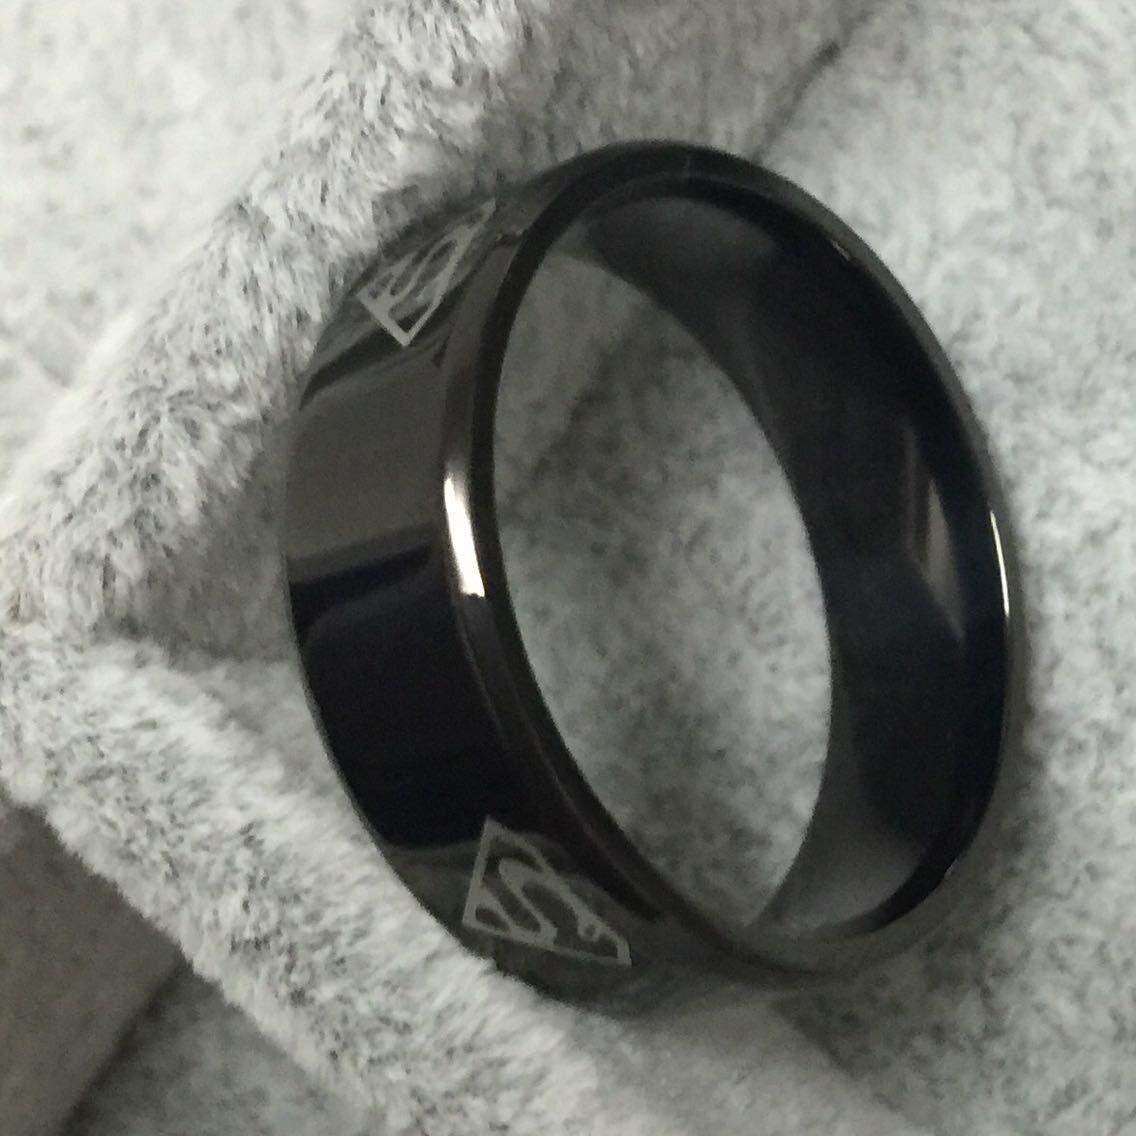 Superman preto S logotipo aliança de carboneto de tungstênio anel de largura 8mm 7g para mulheres dos homens de alta qualidade EUA 7-14